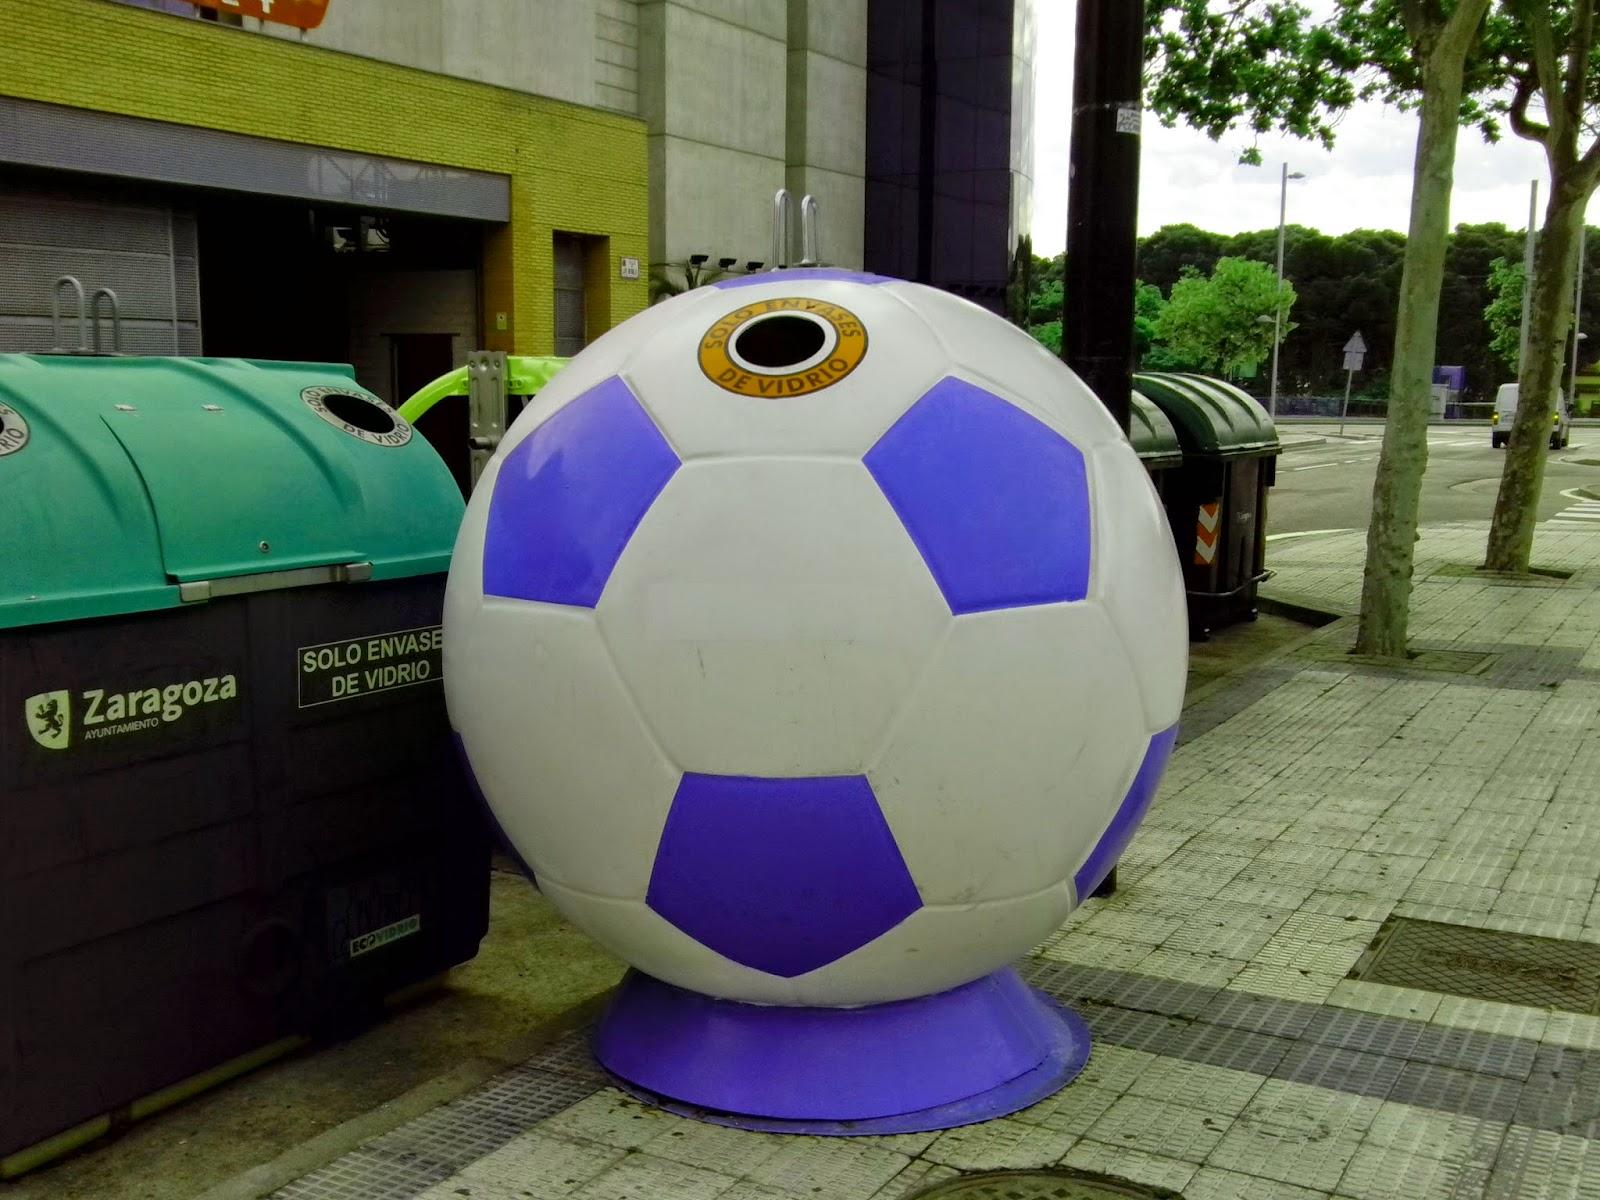 Contenedores de vidrio con forma de balón de futbol azul y blanco en los alrededores de la Romareda Zaragoza